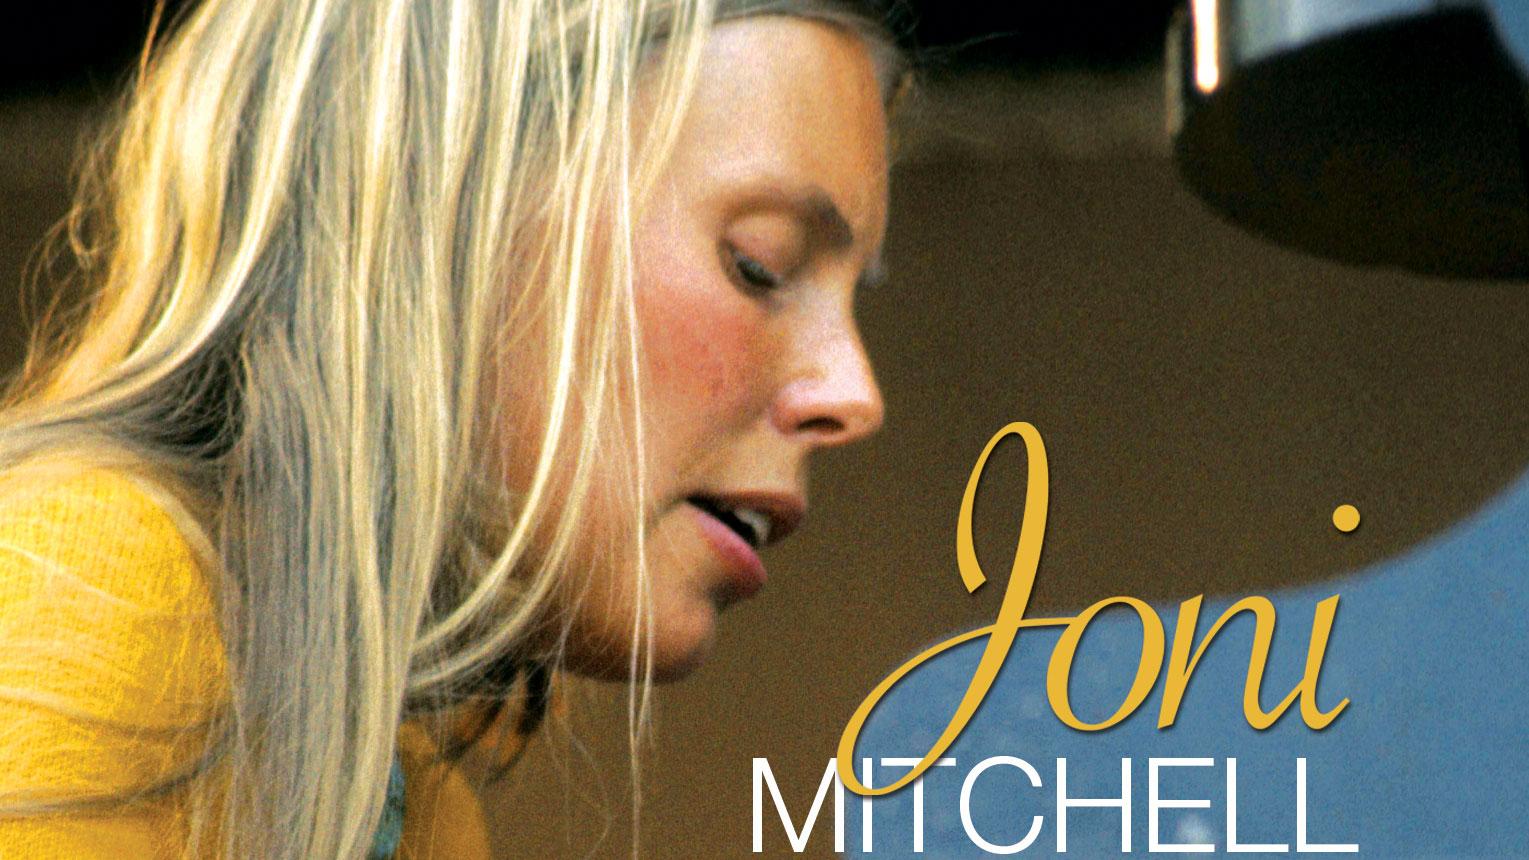 Joni Mitchell at The Isle Of Wight,1970